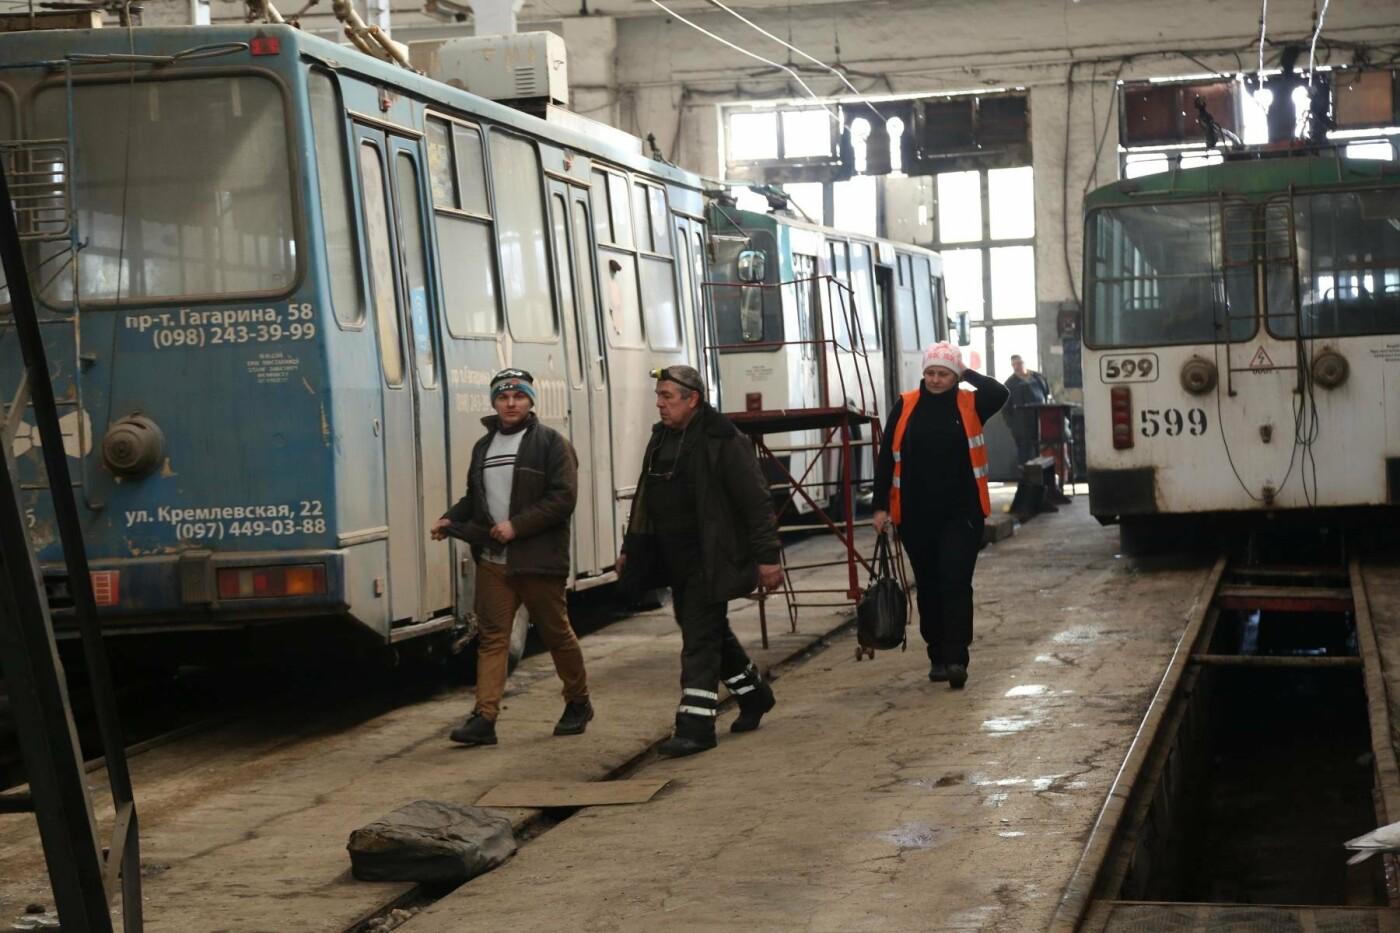 Эксперты ЕБРР с криворжскими чиновниками готовят обоснования для покупки новых троллейбусов , фото-2